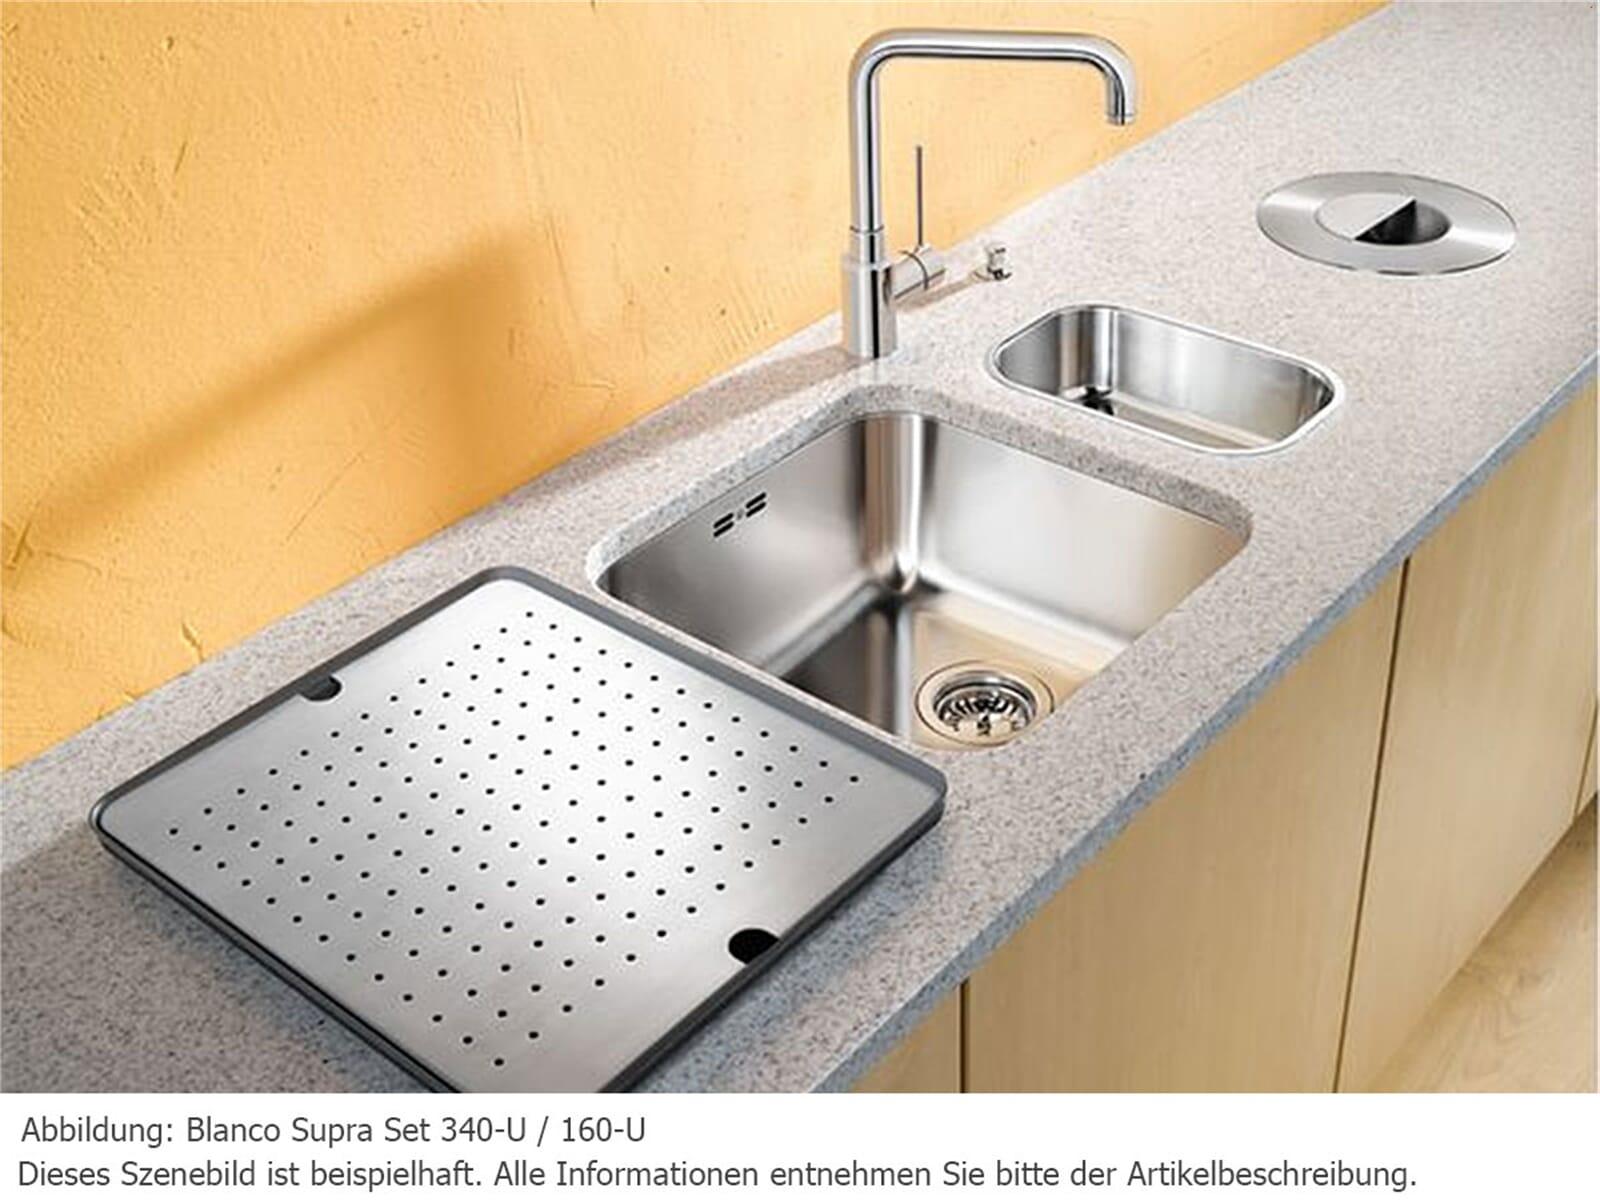 Blanco Supra Set 340-U/160-U Edelstahlspülen Seidenglanz